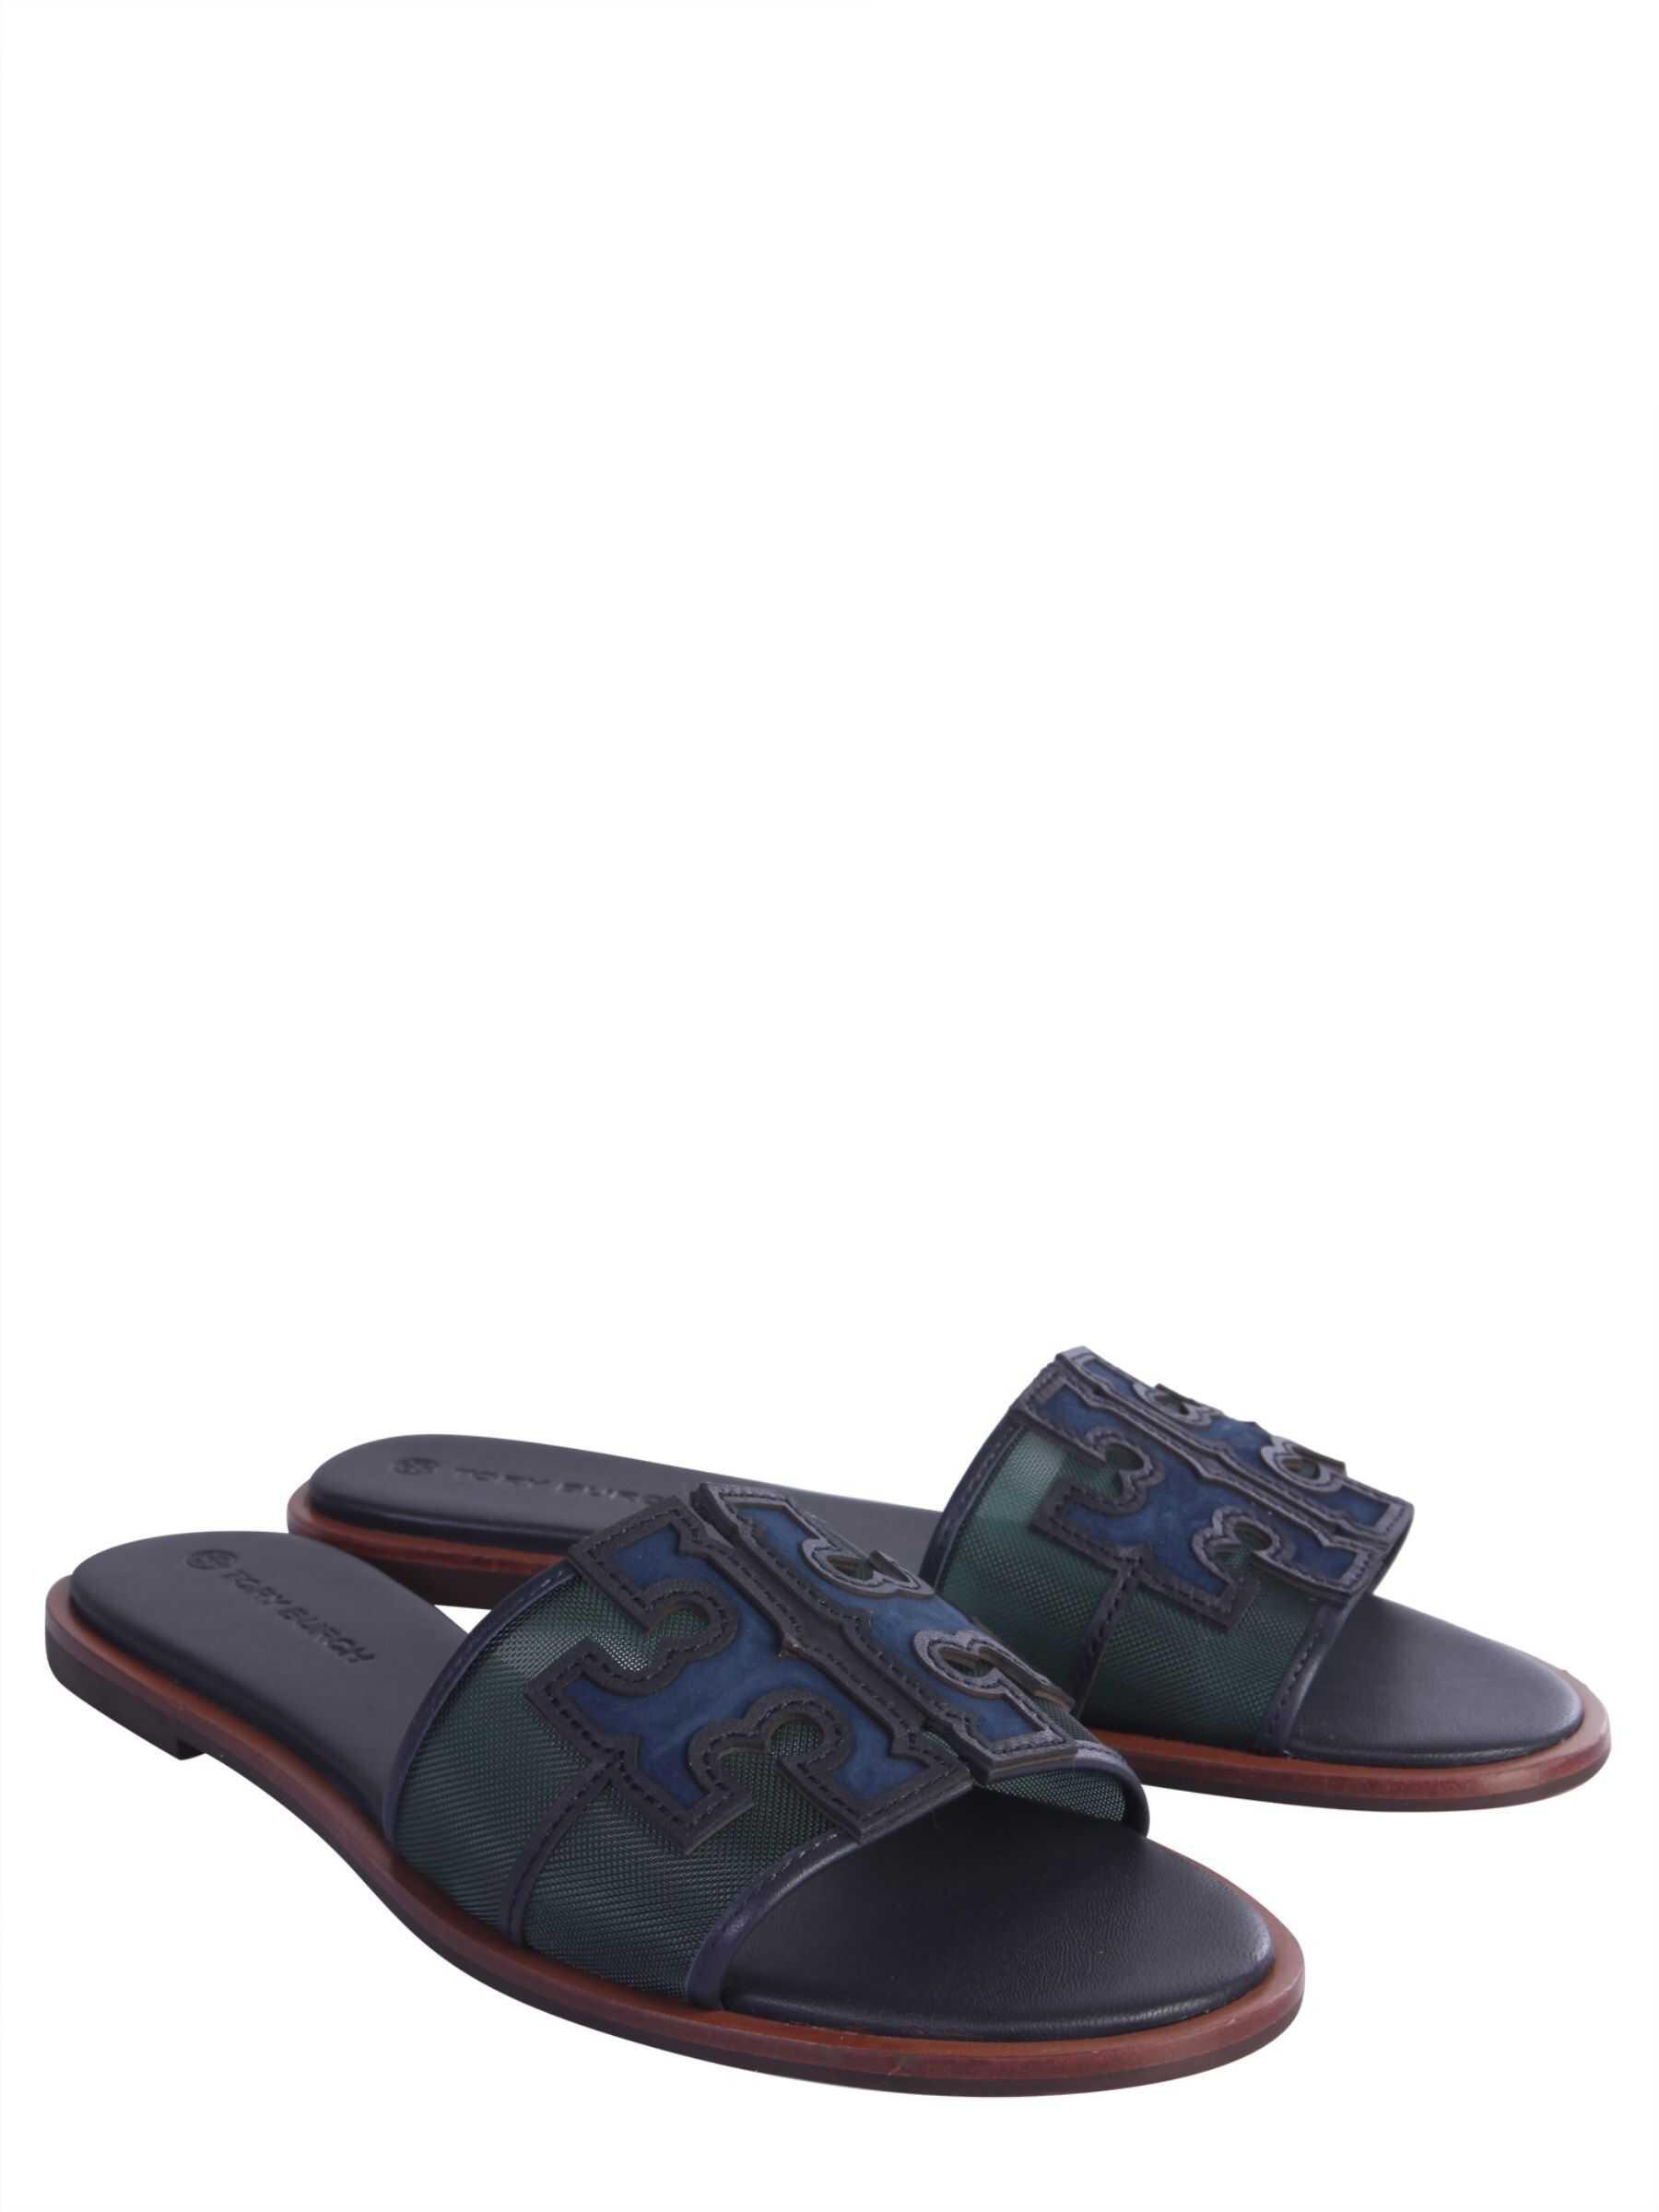 Tory Burch Slide Sandals GREEN